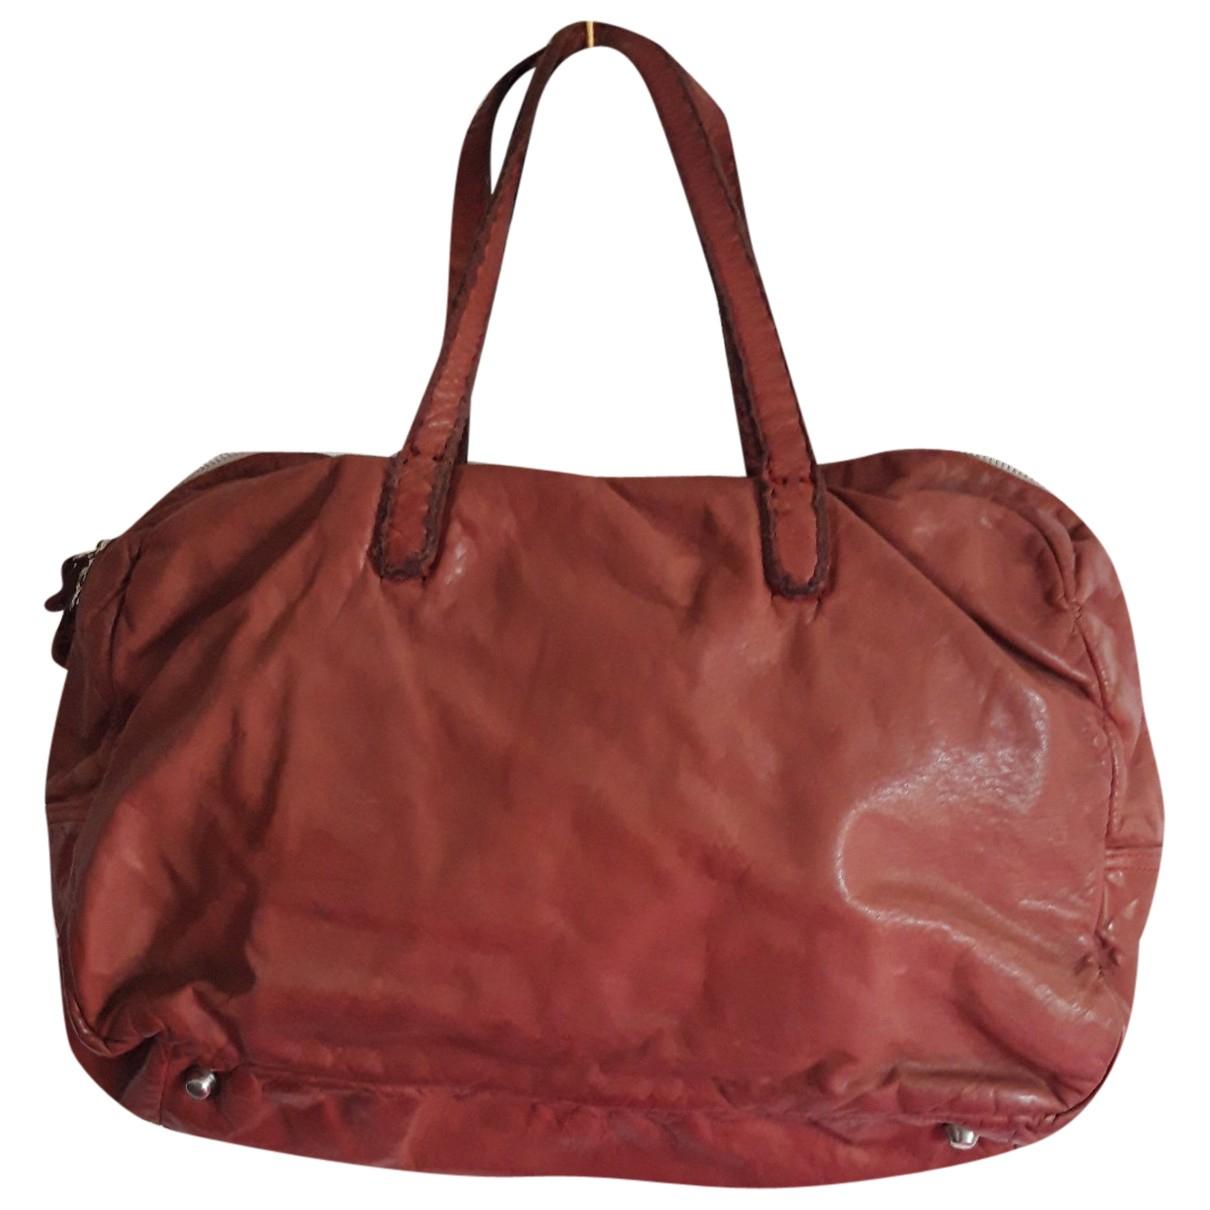 Maison Martin Margiela \N Burgundy Leather handbag for Women \N